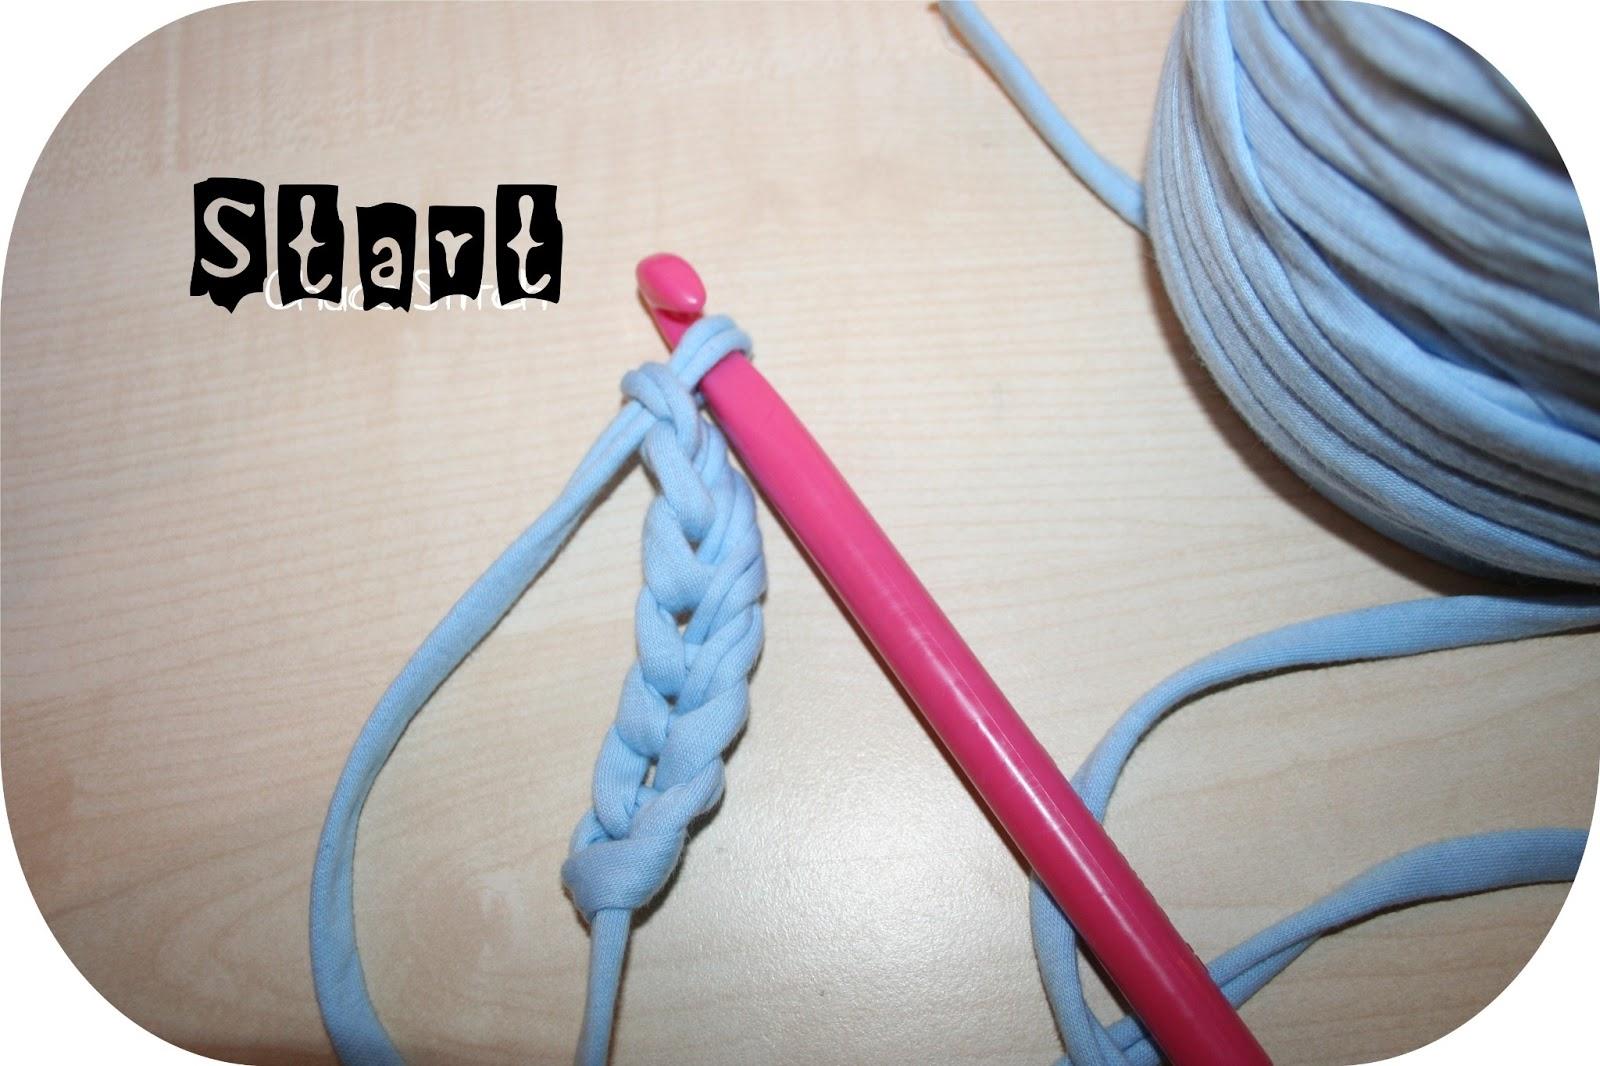 Chaos  Stitch [TutorialHäkelanleitung] ZpagettiTeppich